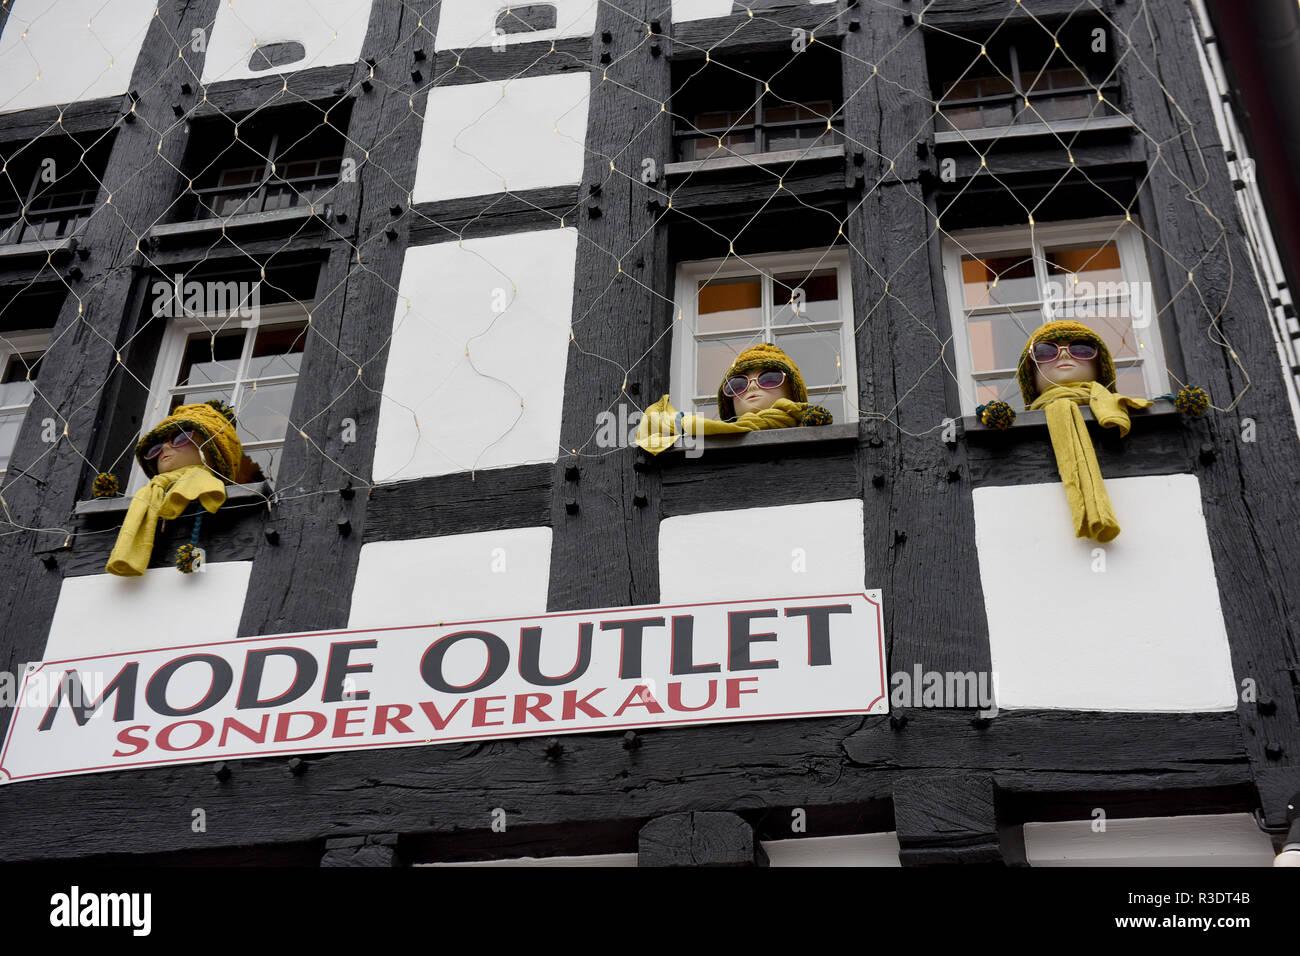 Tienda de moda decoraciones en Bad Münstereifel en Europa Alemania Imagen  De Stock cba9cfab188